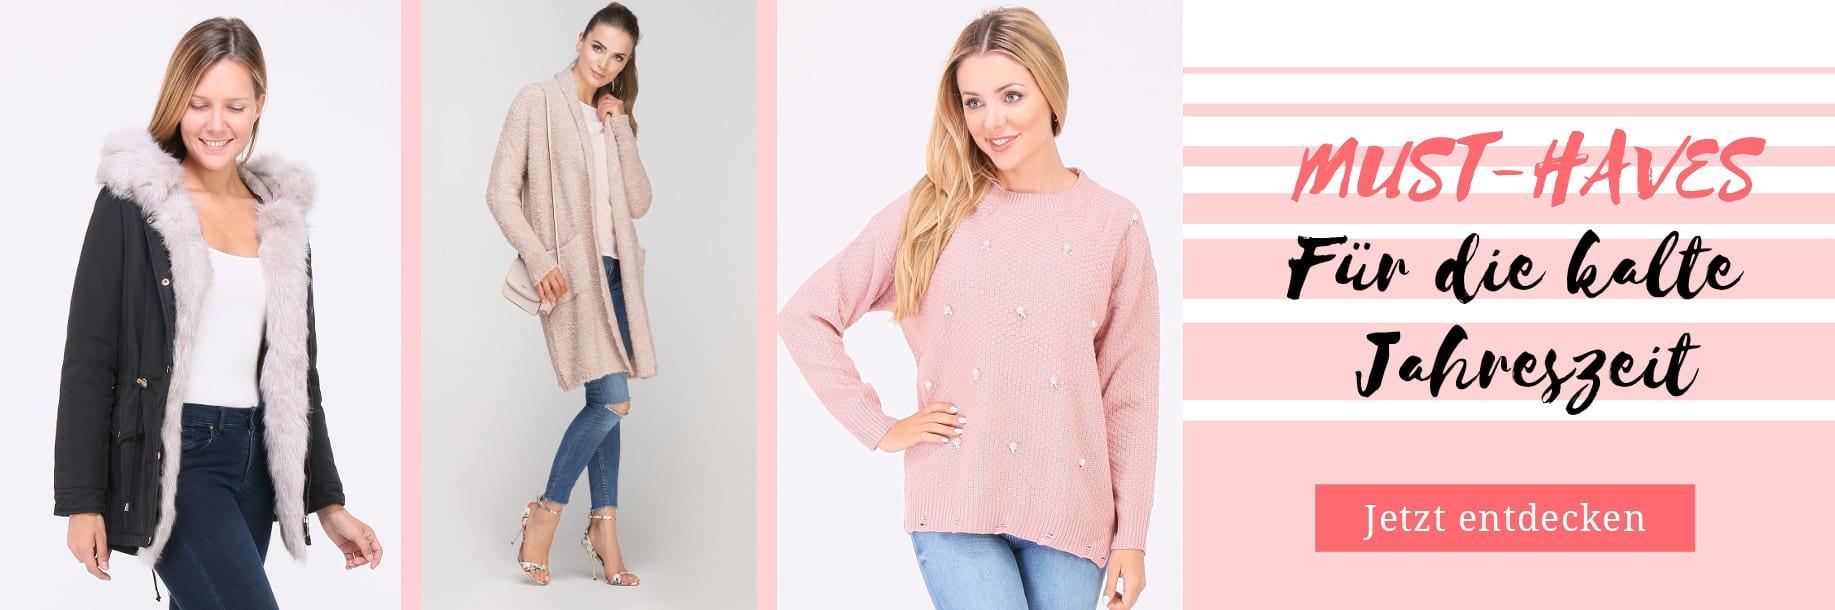 Must haves für die kalte Jahreszeit 2019 - Pullover & Winterjacken für Damen